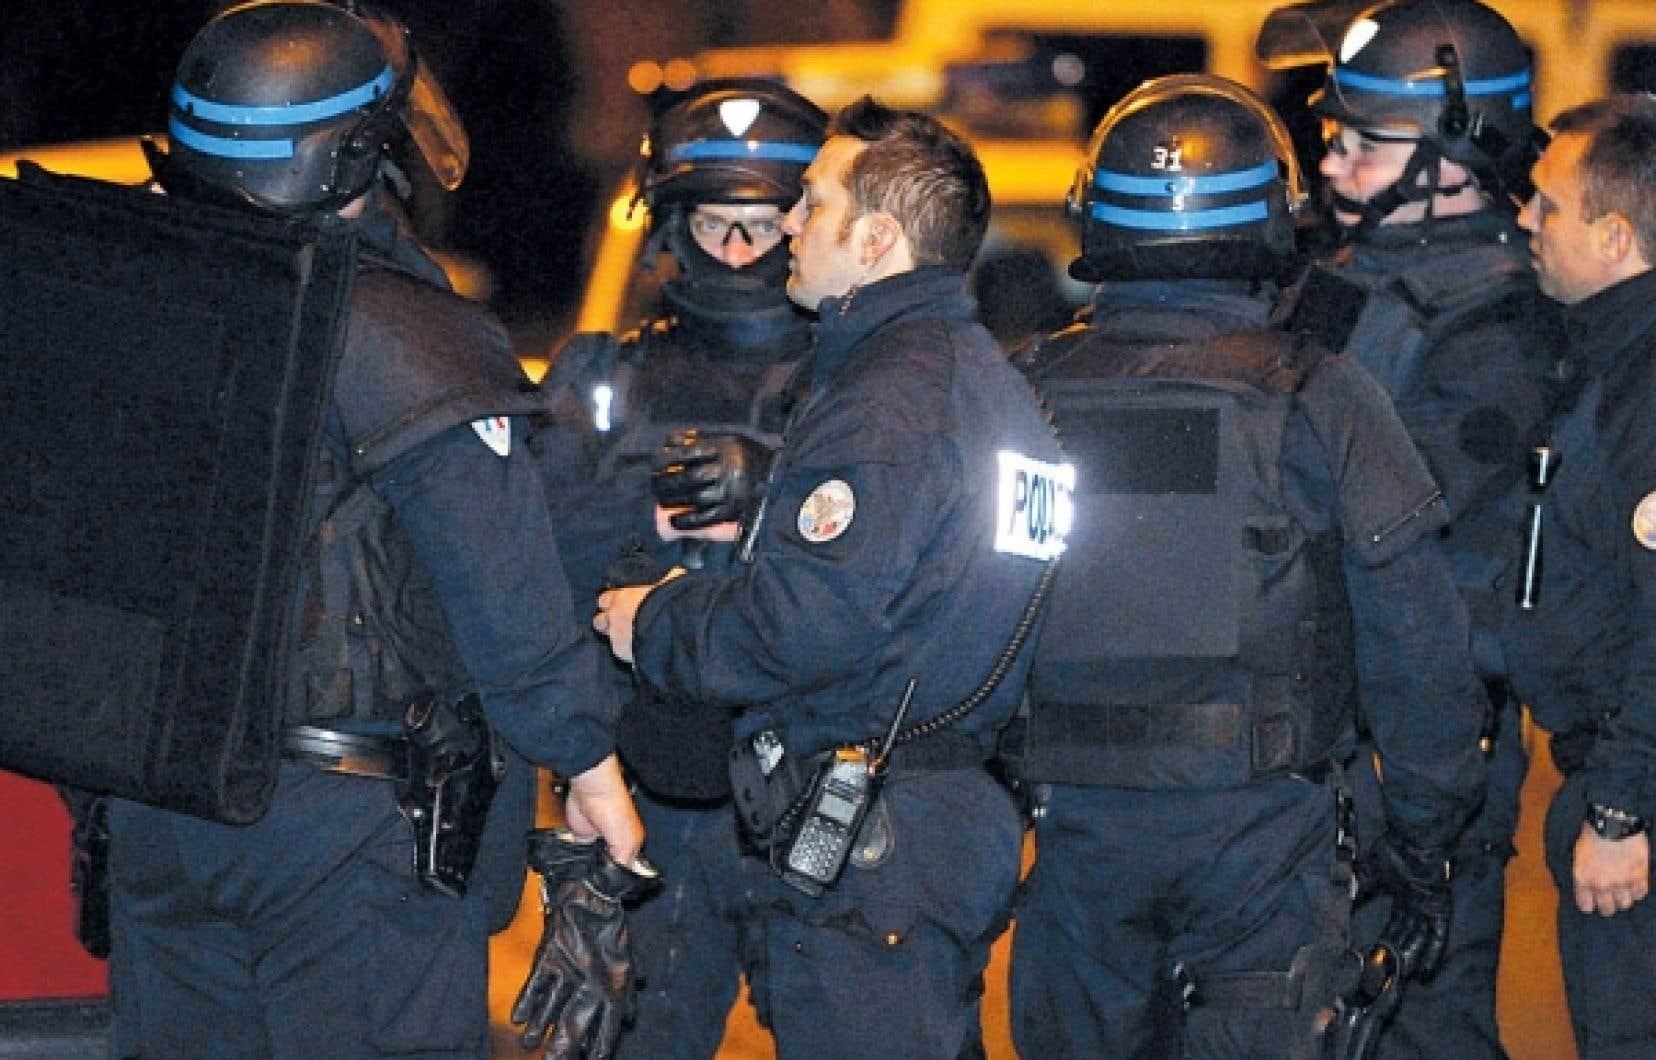 Après avoir été repoussés à plusieurs reprises par des tirs, les policiers ont entamé des pourparlers qui ont duré toute la journée.<br /> <br />